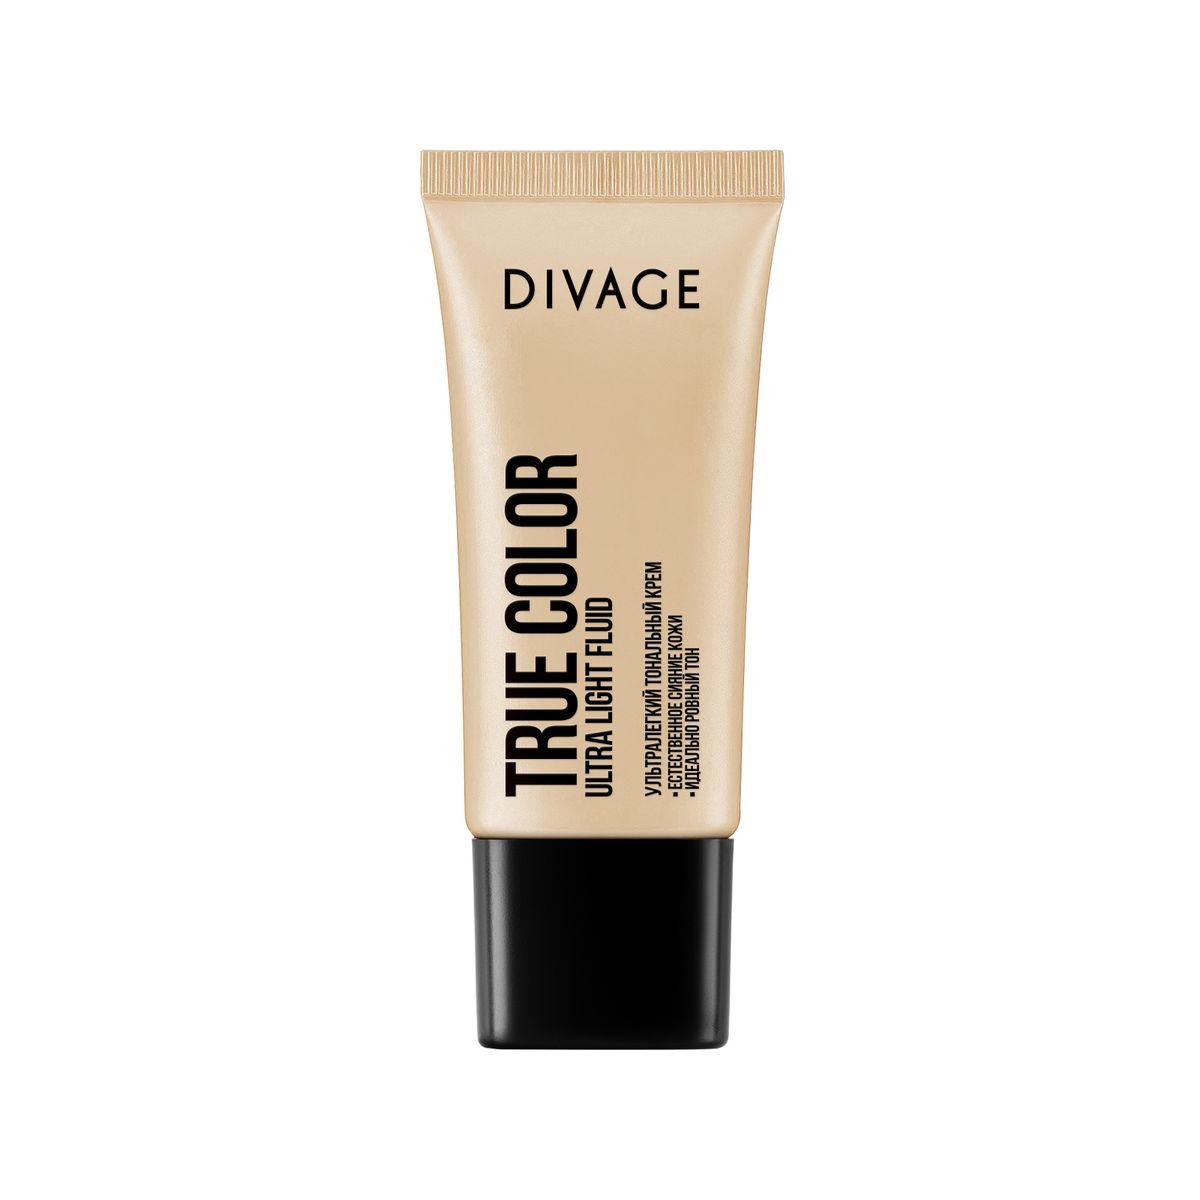 DIVAGE Тональный крем TRUE COLOR, тон № 05, 30 мл219616Невидимая и лёгкая тональная основа с прозрачной водянистой текстурой эффективно увлажняет и освежает кожу. Влага наполняет клетки и хорошо удерживается в поверхности кожи. Масло авокадо и витамины Е помогают клеткам кожи противостоять вредным воздействиям окружающей среды. Хорошо увлажнённая и защищённая кожа выглядит свежей, ухоженной и ровной без ощущения «маски на лице».